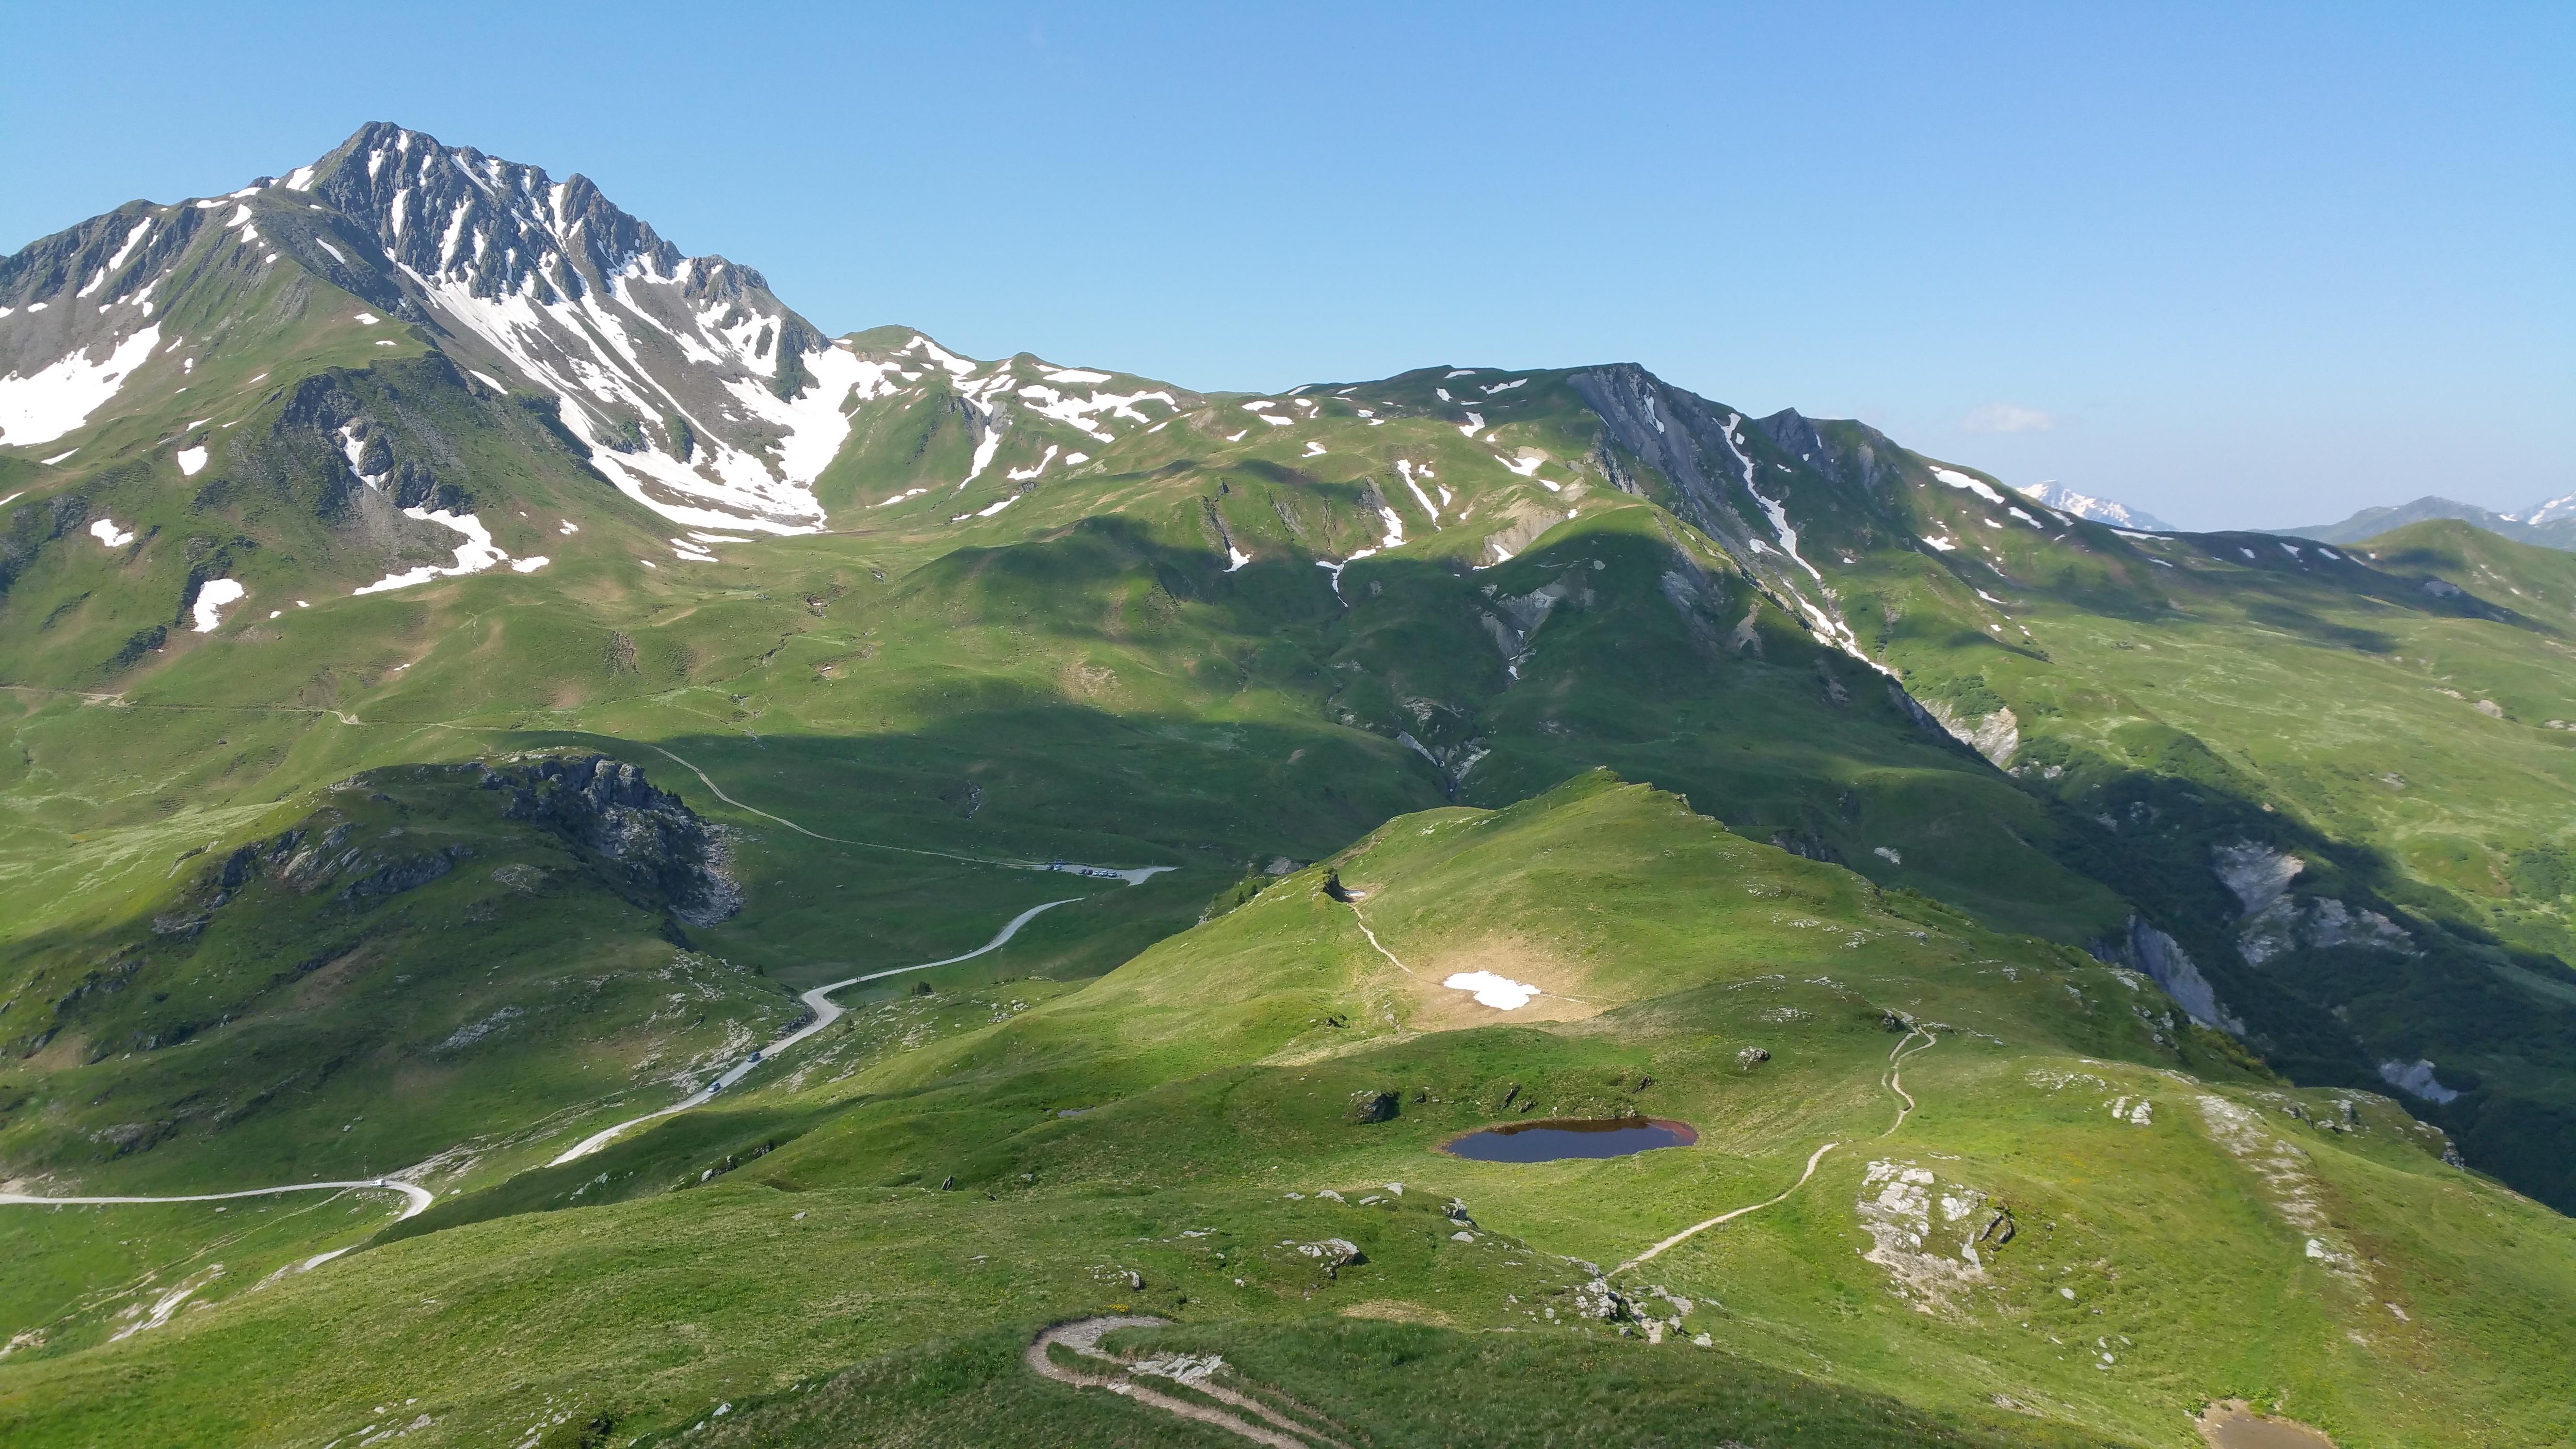 Sentier Tour du crêt du Rey vallée de la Plagne